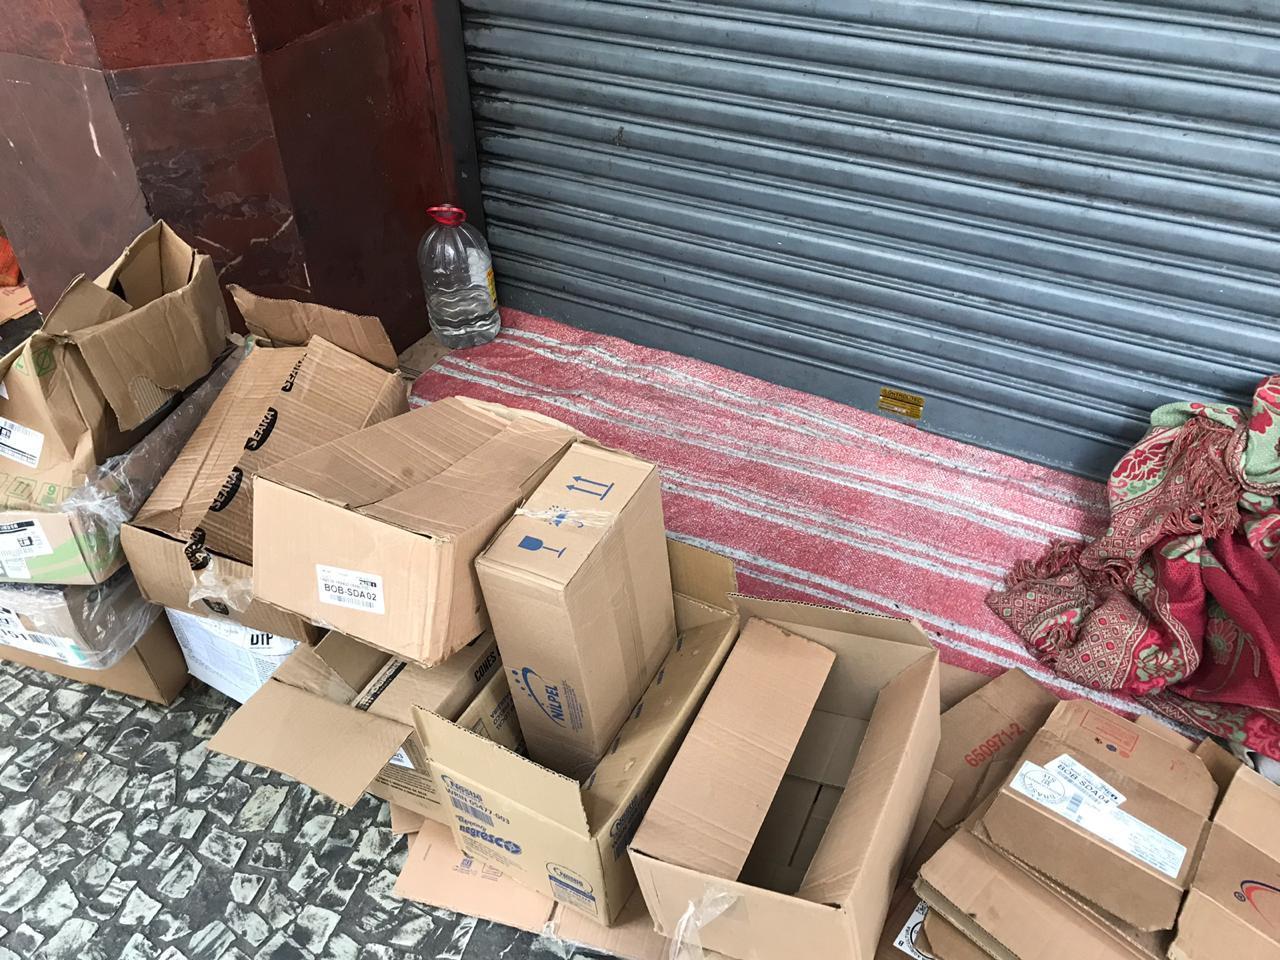 Caixas de papelão e suscetíveis a violências: a rotina das mulheres em situação de rua reflete ausência do Estado. | Foto: Lola Ferreira / Gênero e Número